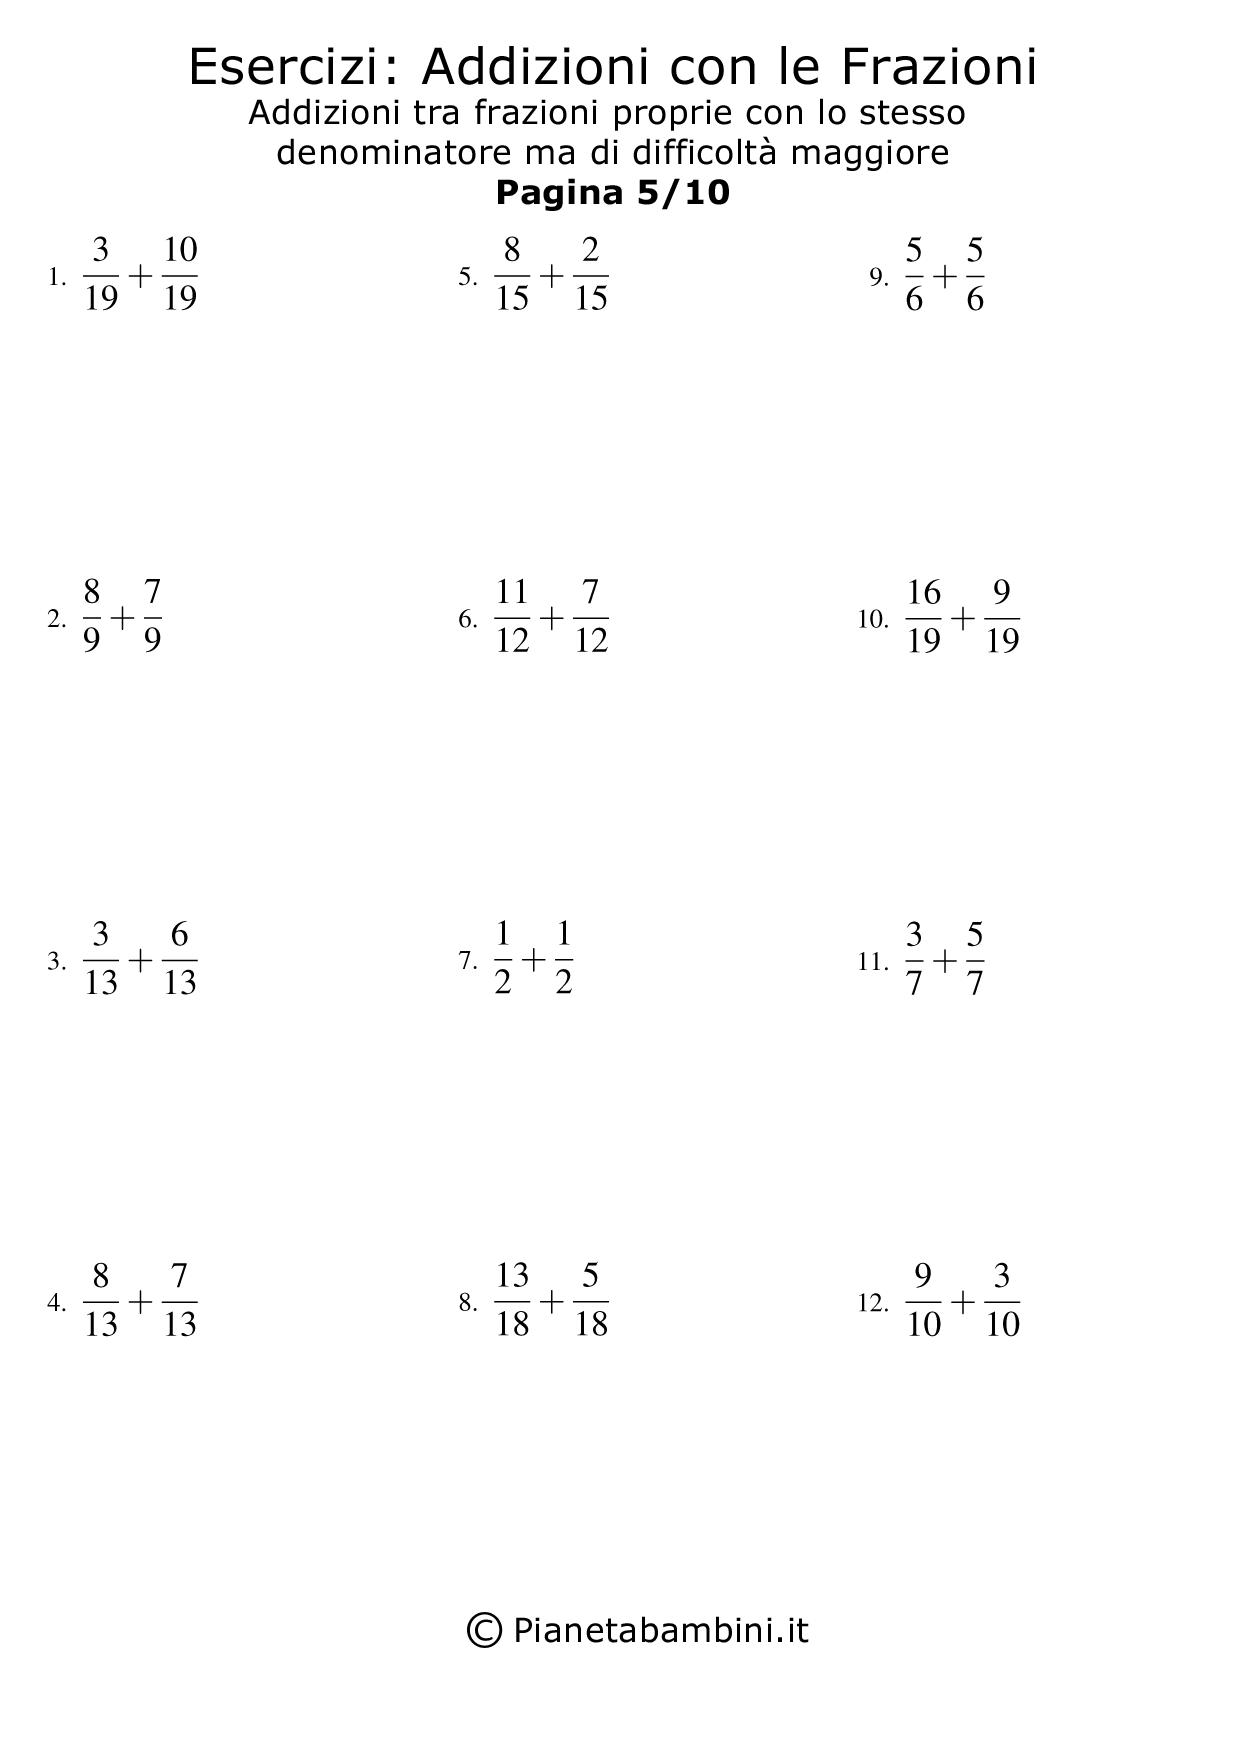 Addizioni-Frazioni-Stesso-Denominatore-Difficili_05